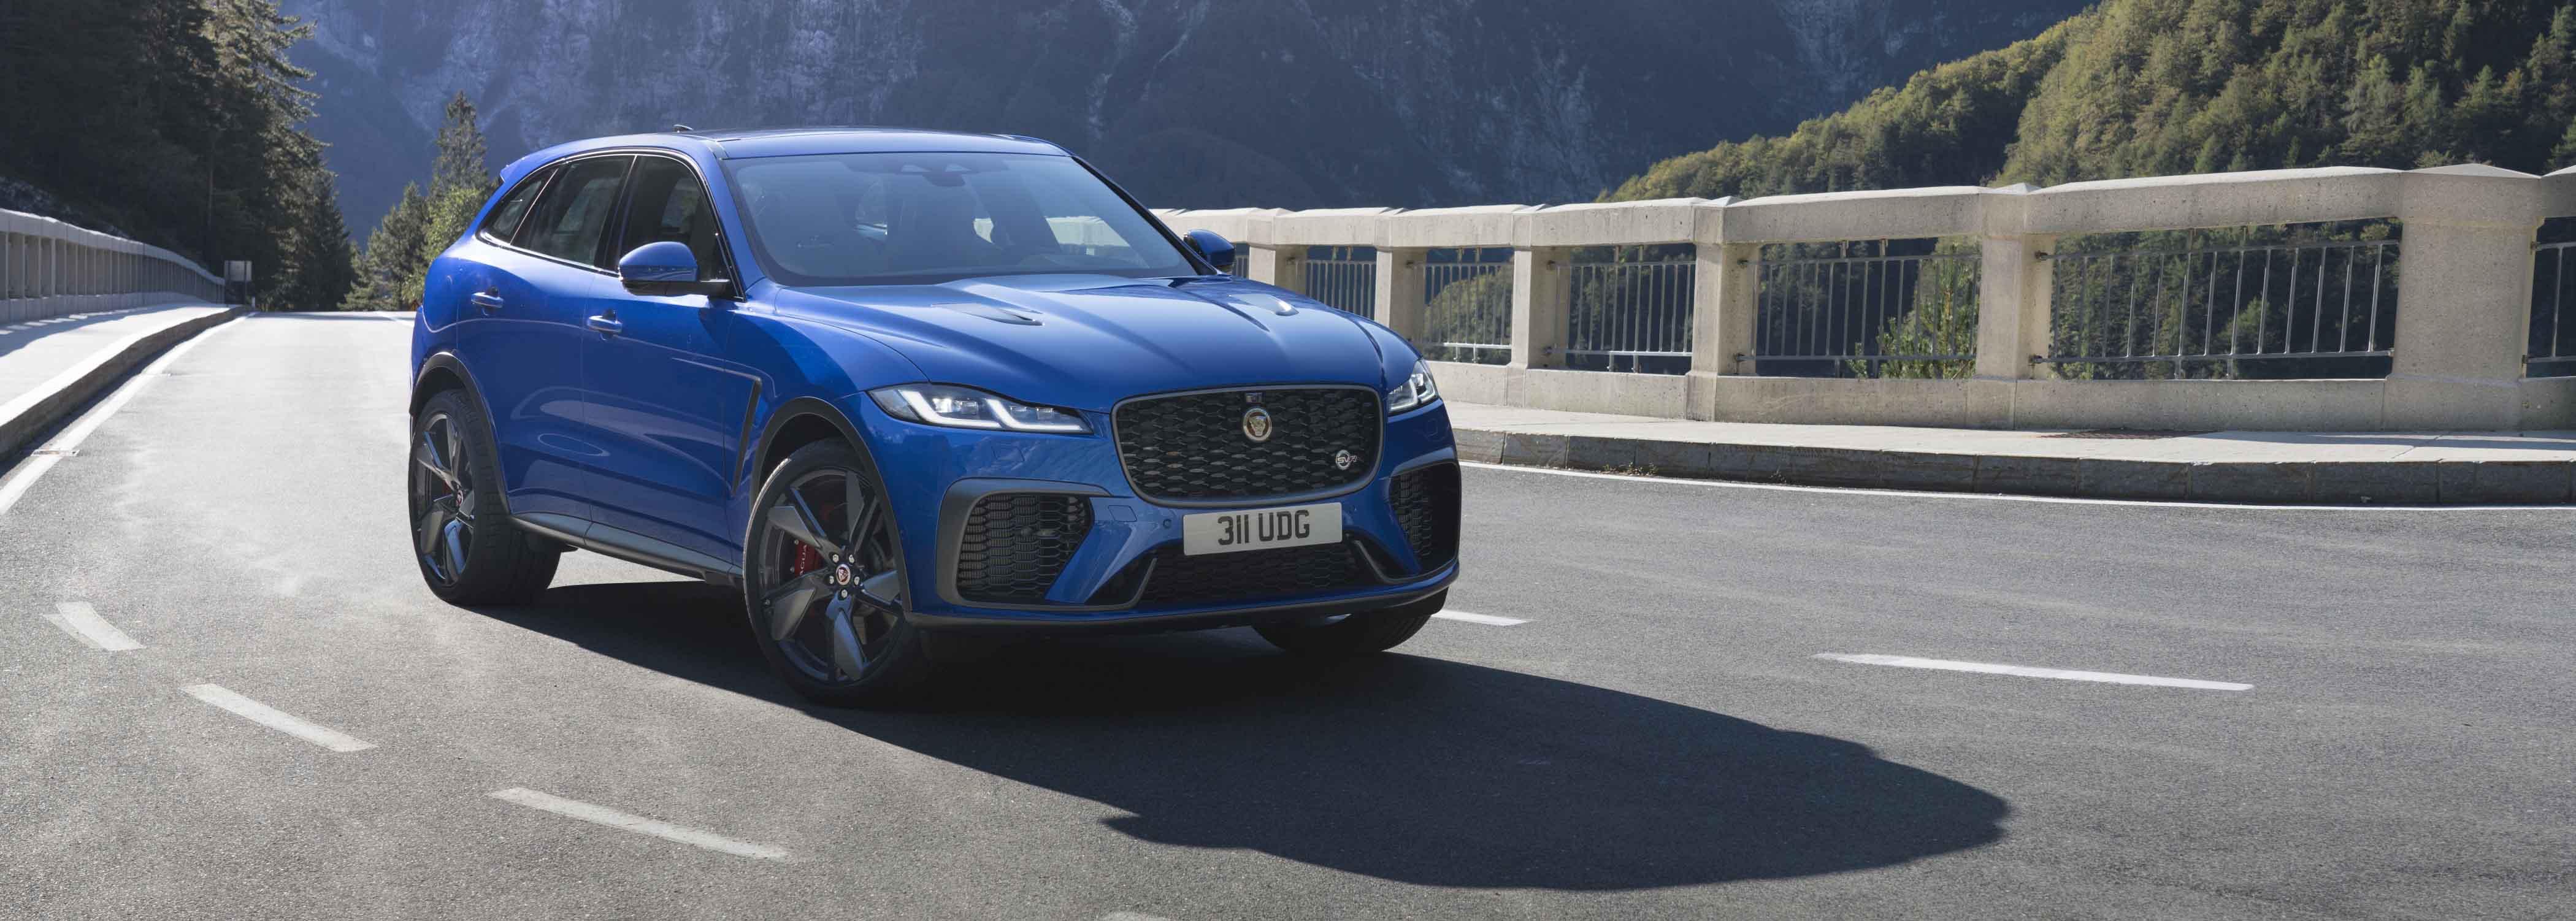 Jaguar F-Pace gets the SVR treatment